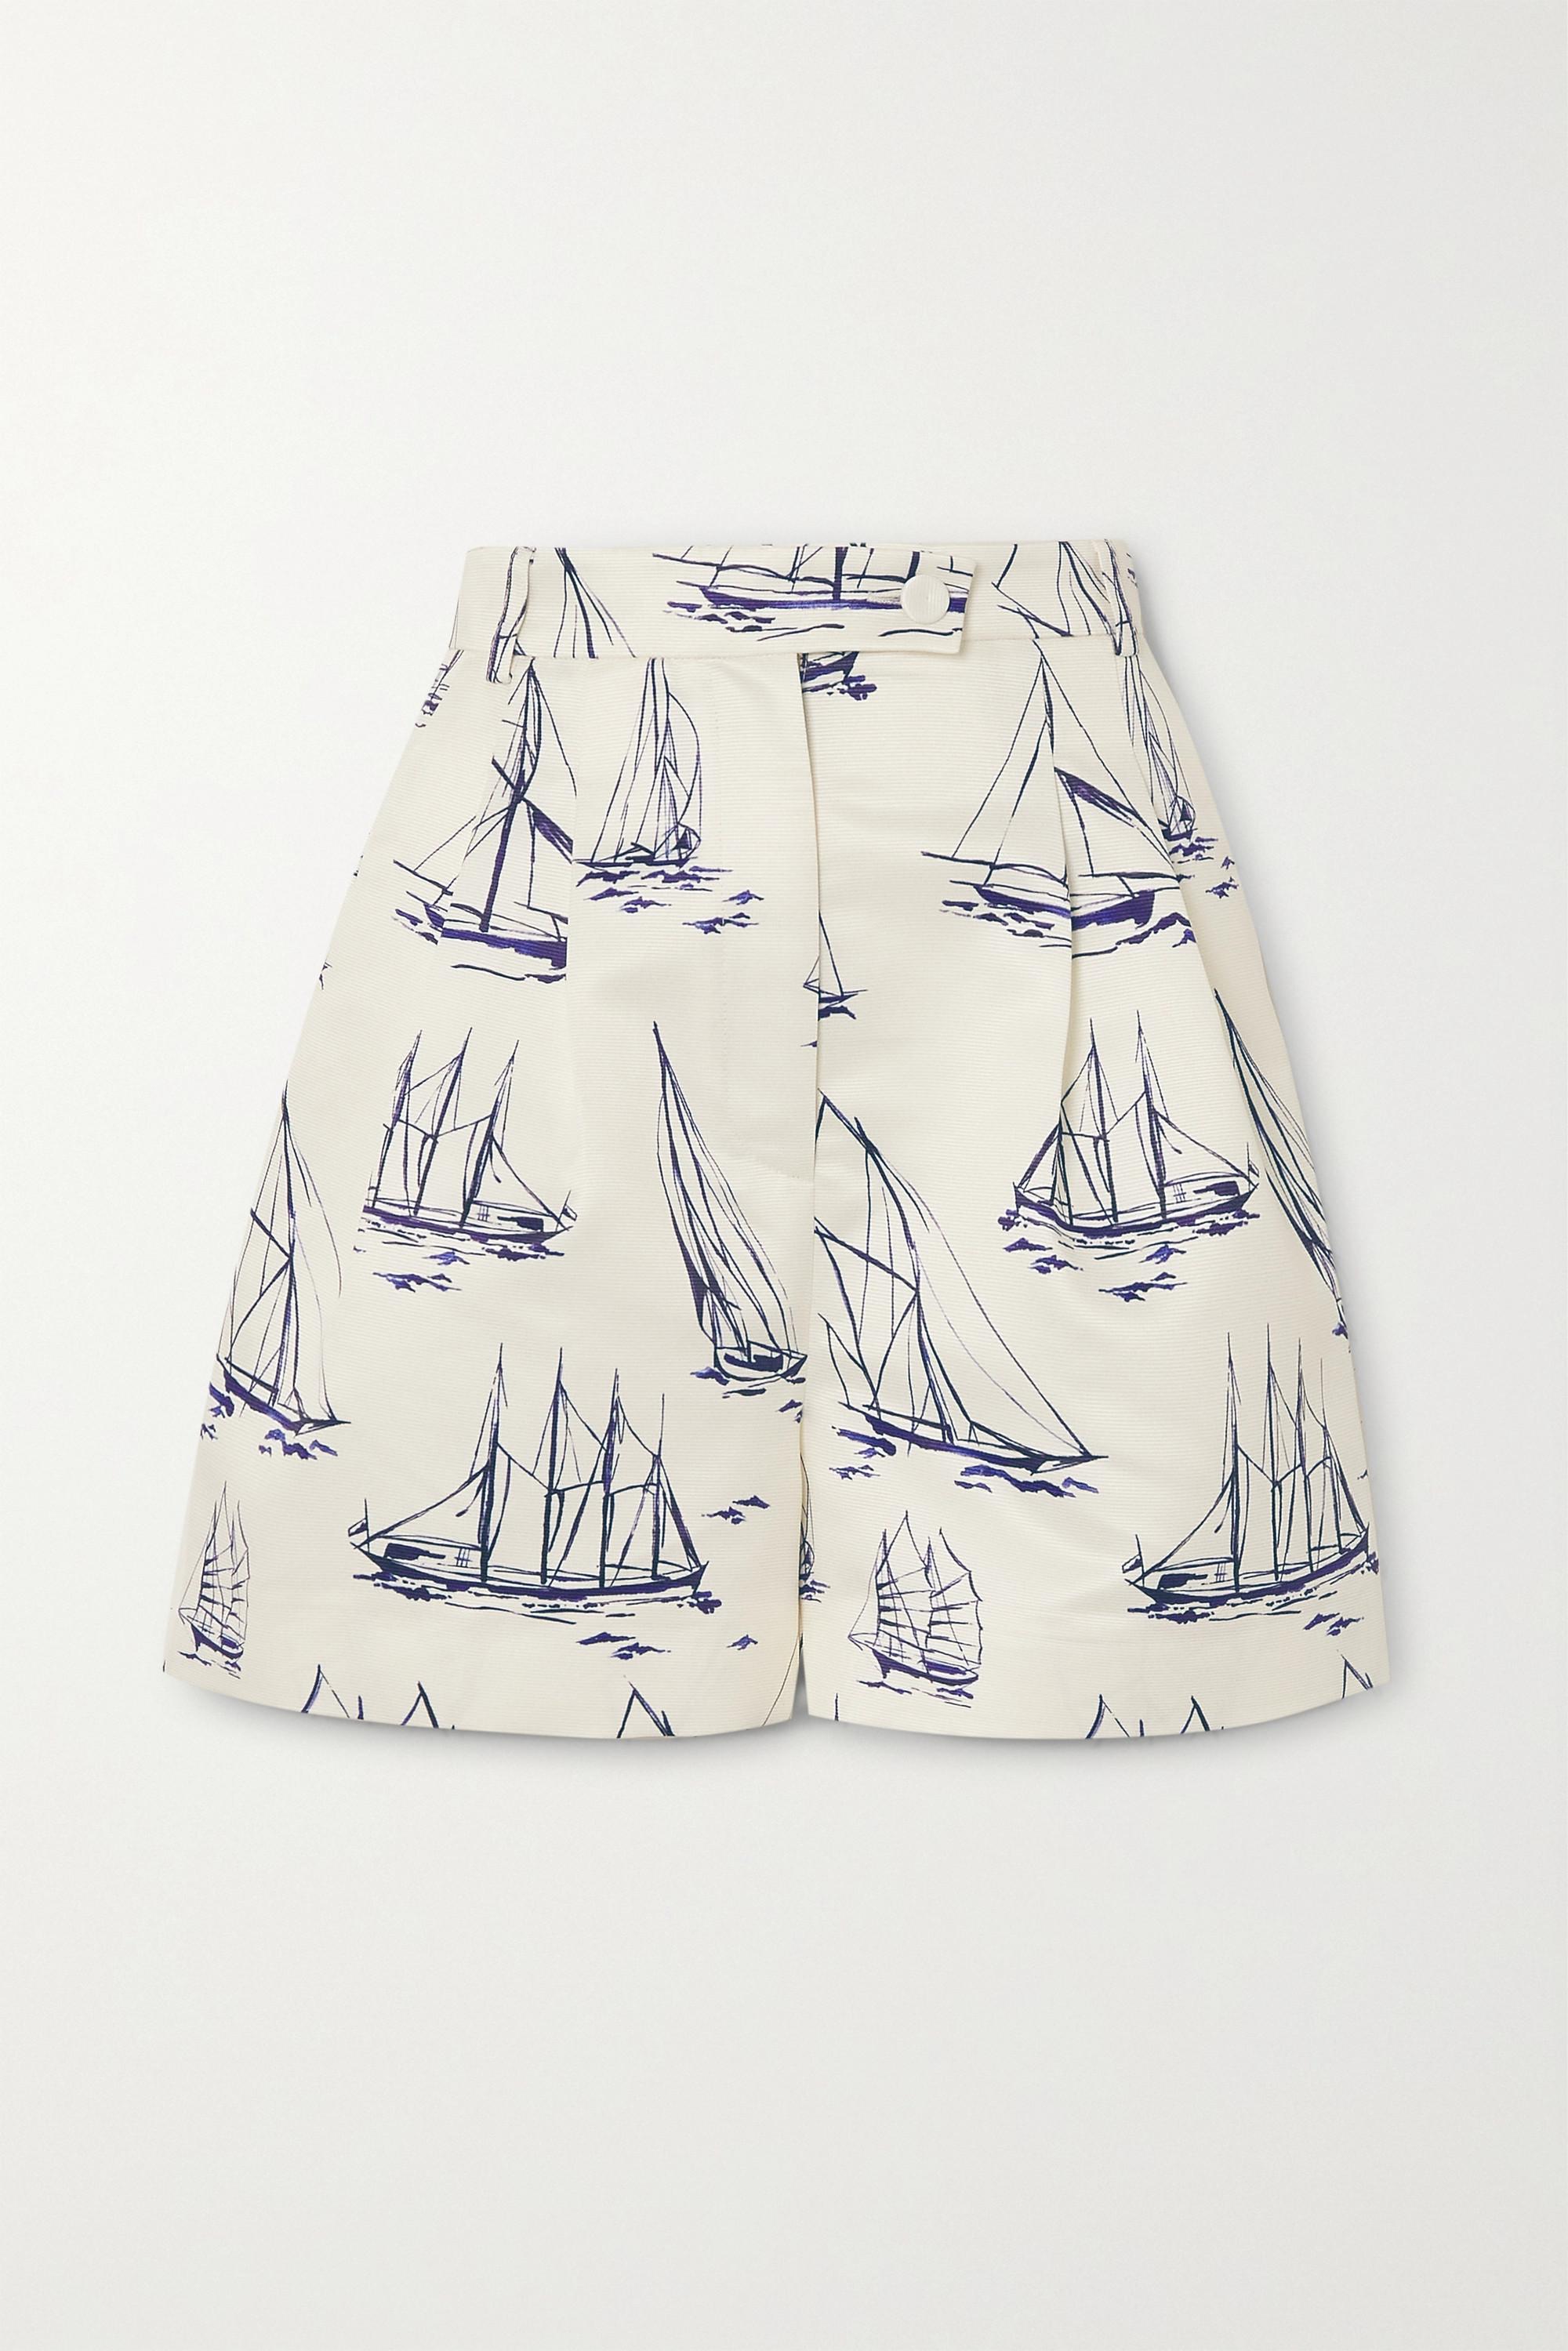 Emilia Wickstead Elliot printed faille shorts